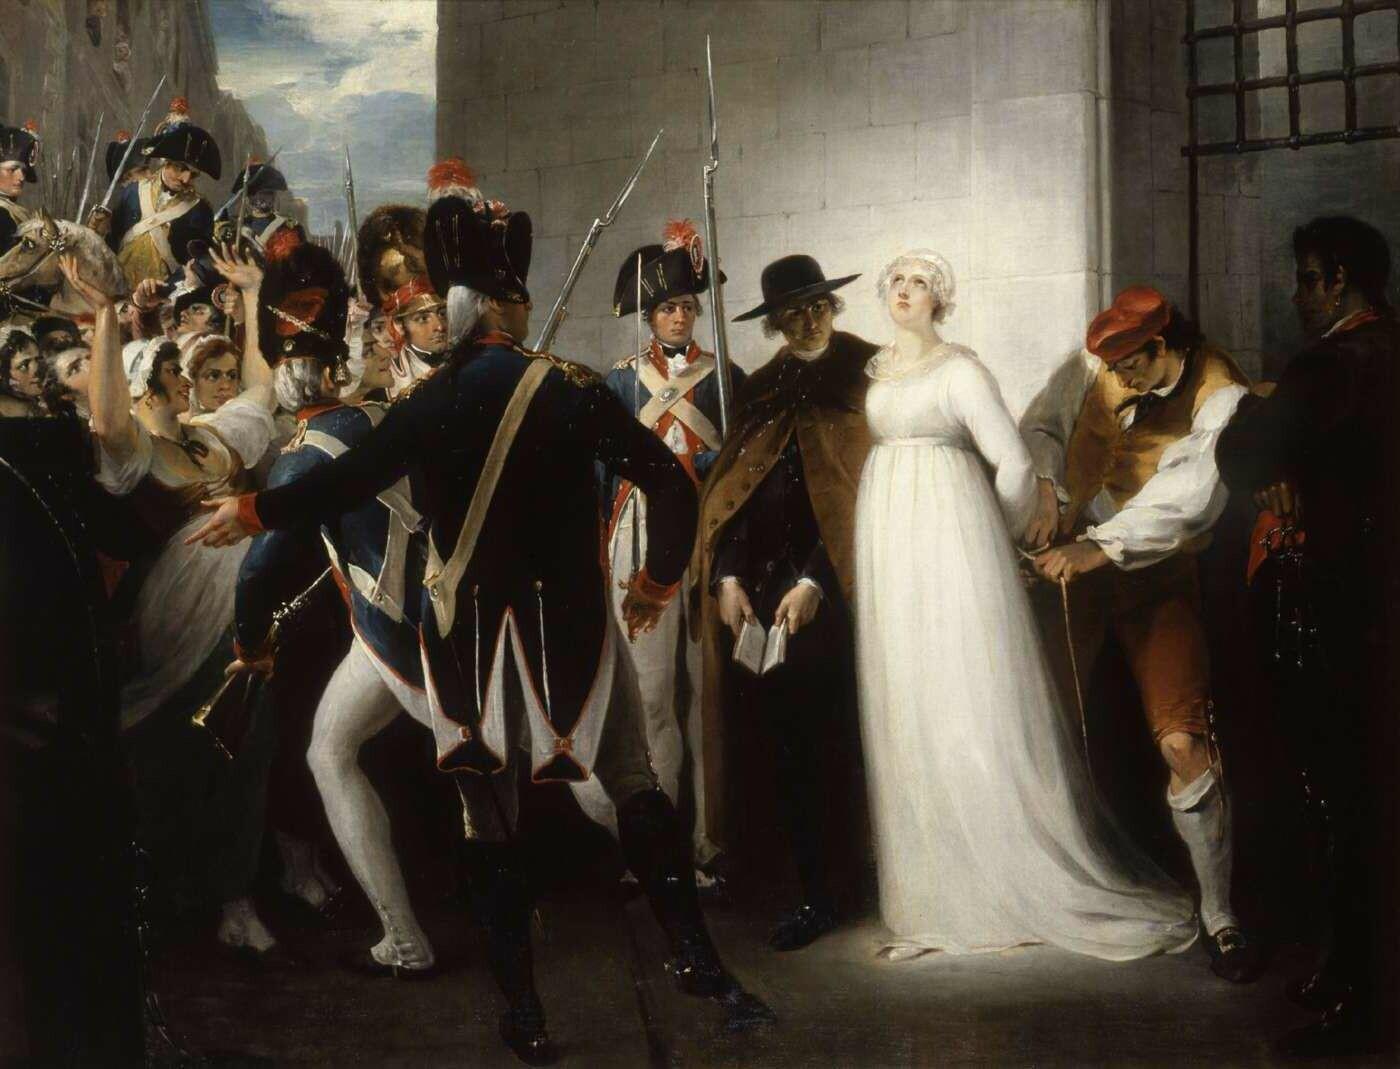 Original painting by William Hamilton (1794)